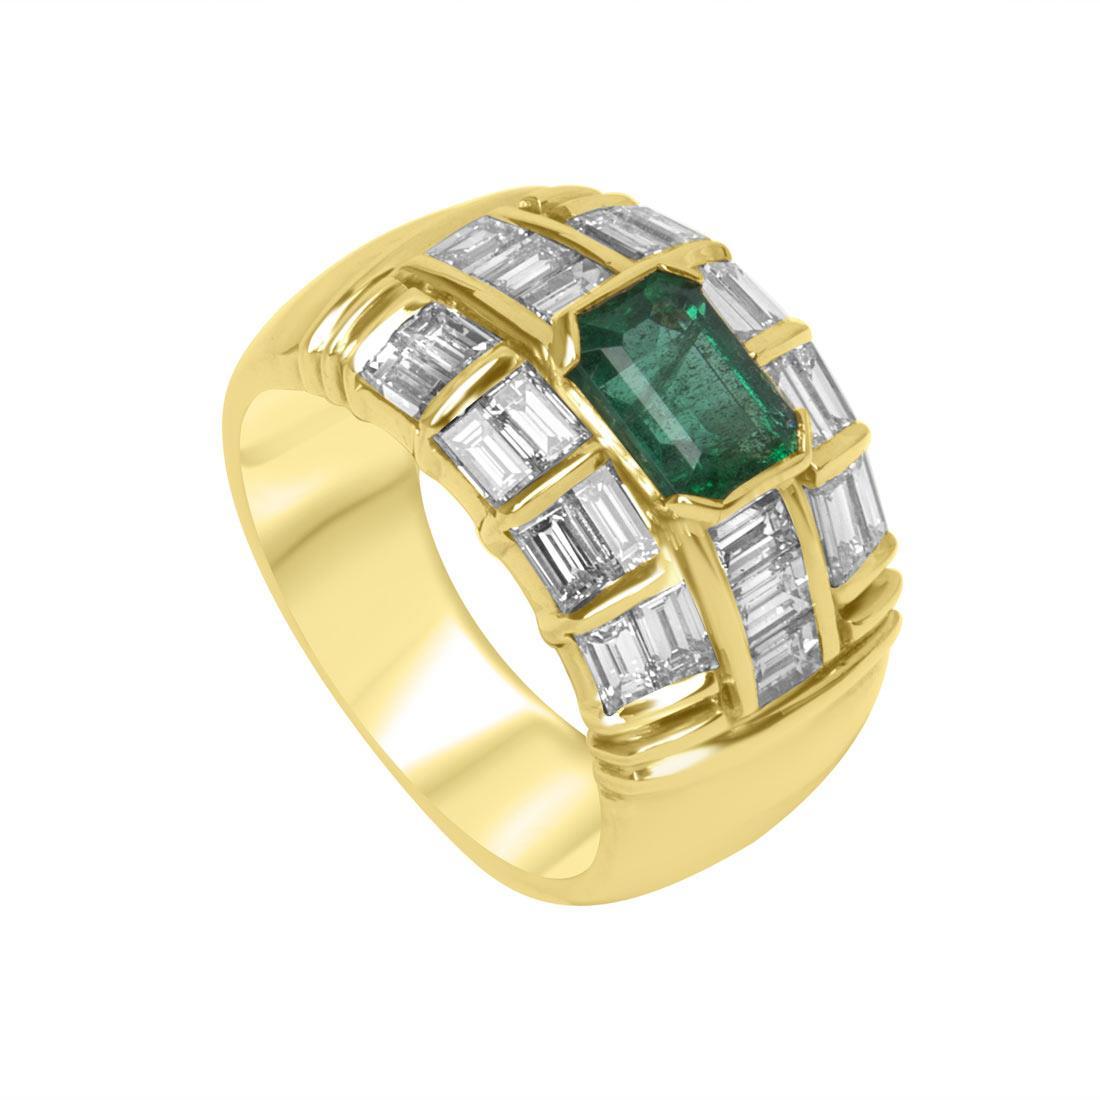 Anello Oro & Co in oro giallo con diamanti 2.13 ct e smeraldo mis 16 - ORO&CO